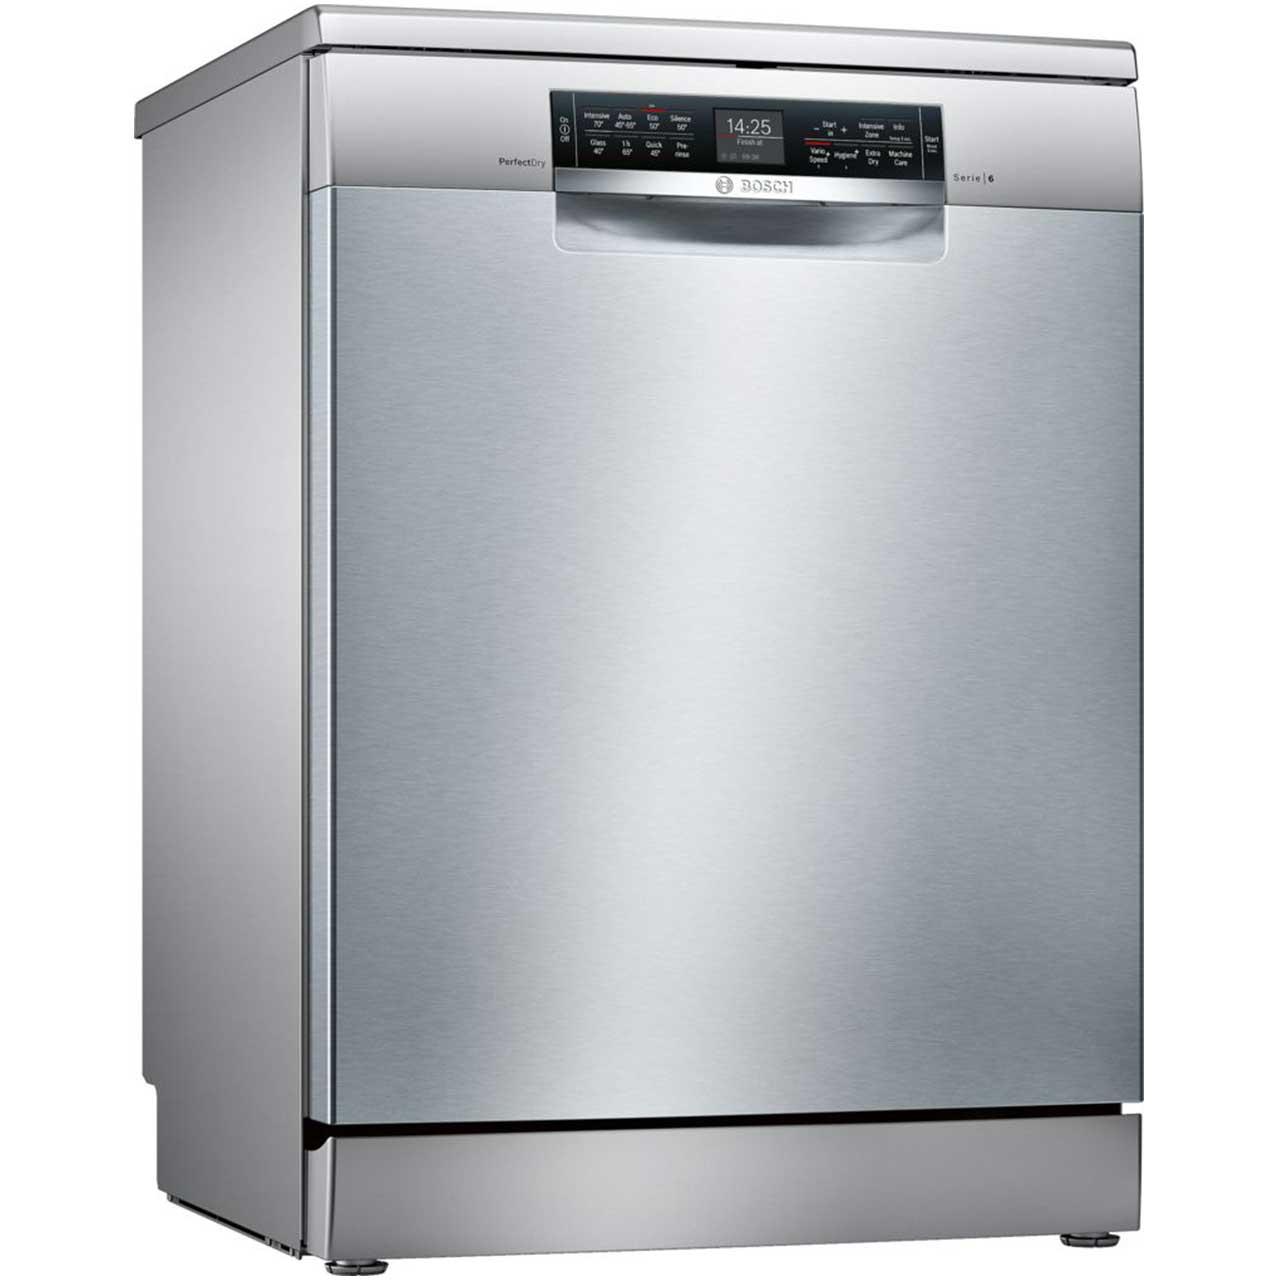 ماشین ظرفشویی بوش سری 6 مدل  SMS68TI02B - ویژه جشنواره بوش